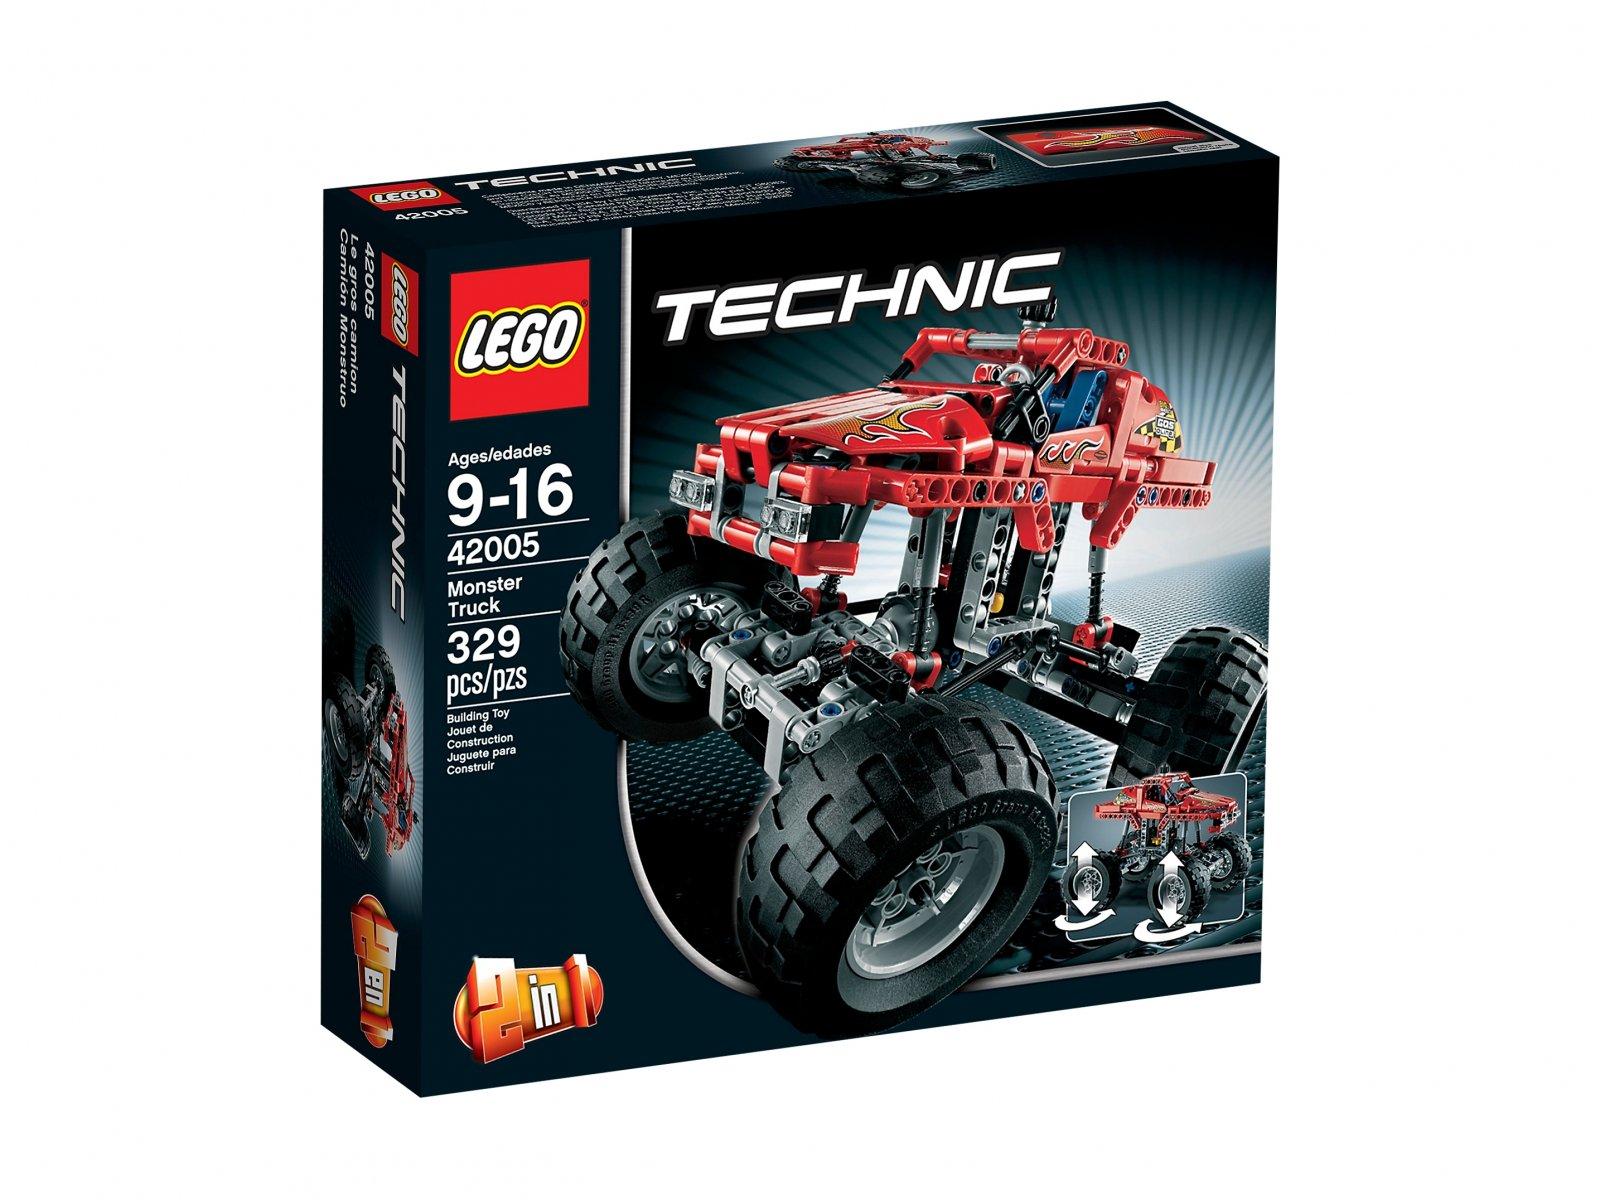 LEGO Technic Monster truck 42005